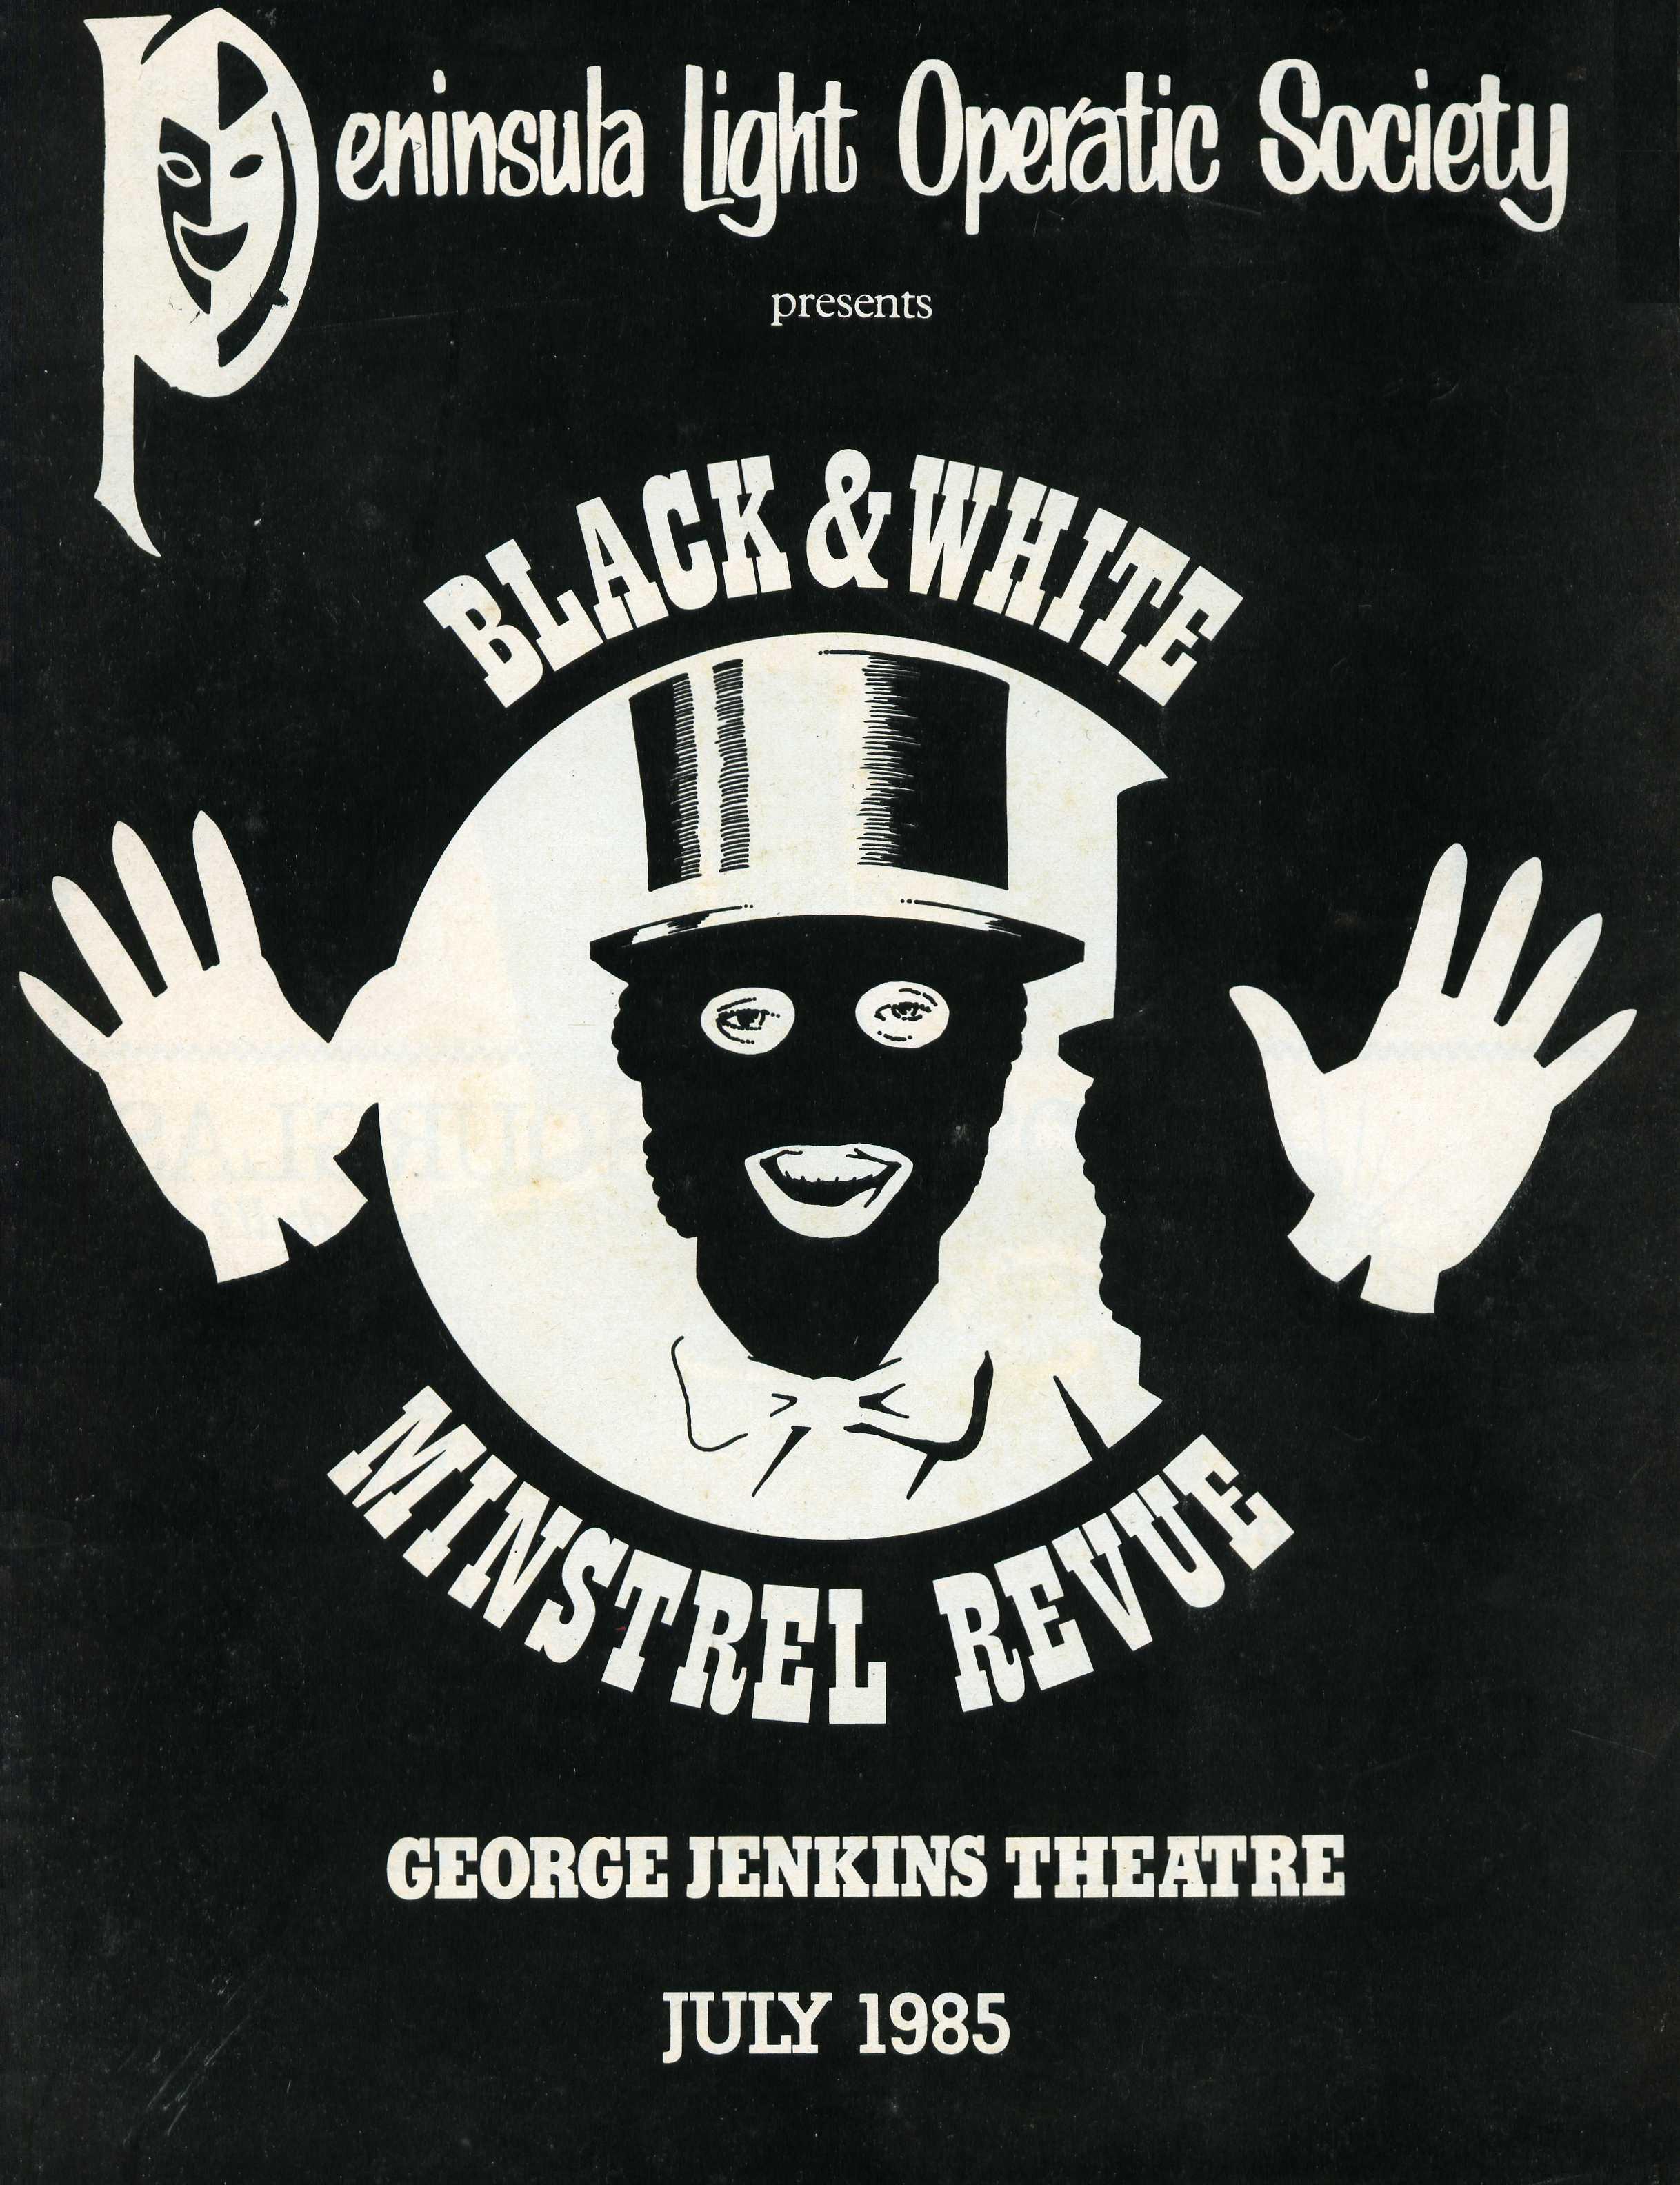 Black & White Minstrel Revue